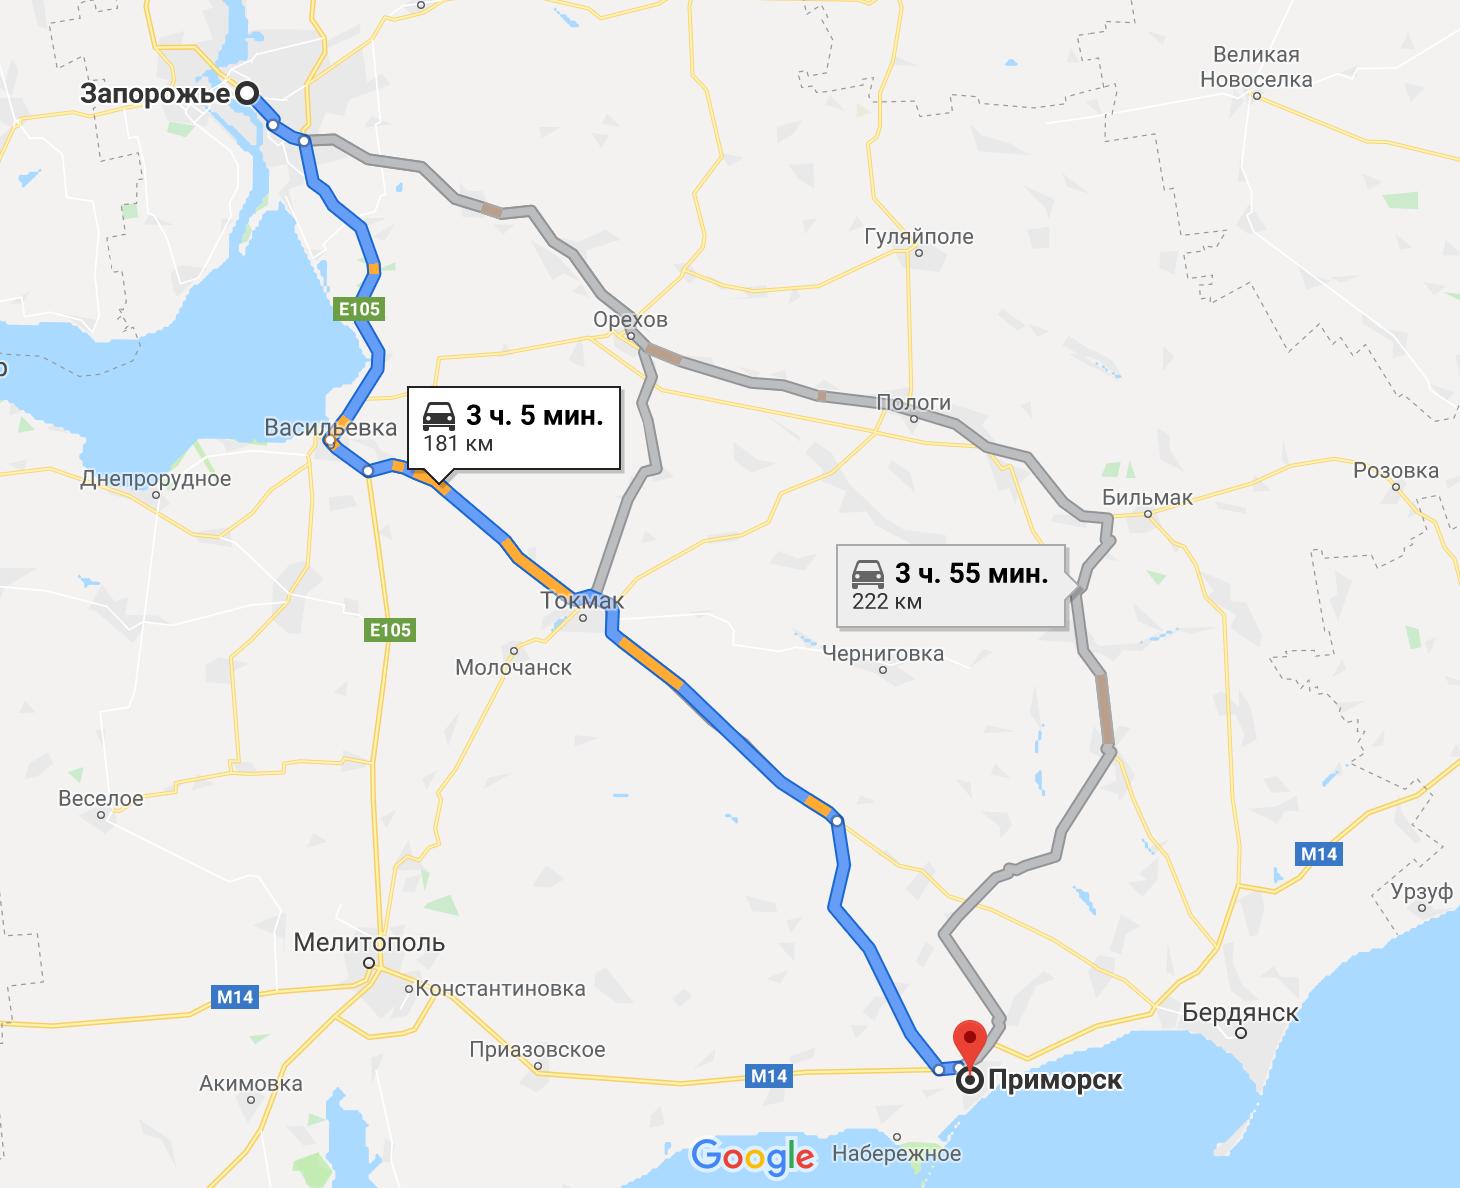 Как добраться до Приморска на авто из Запорожья